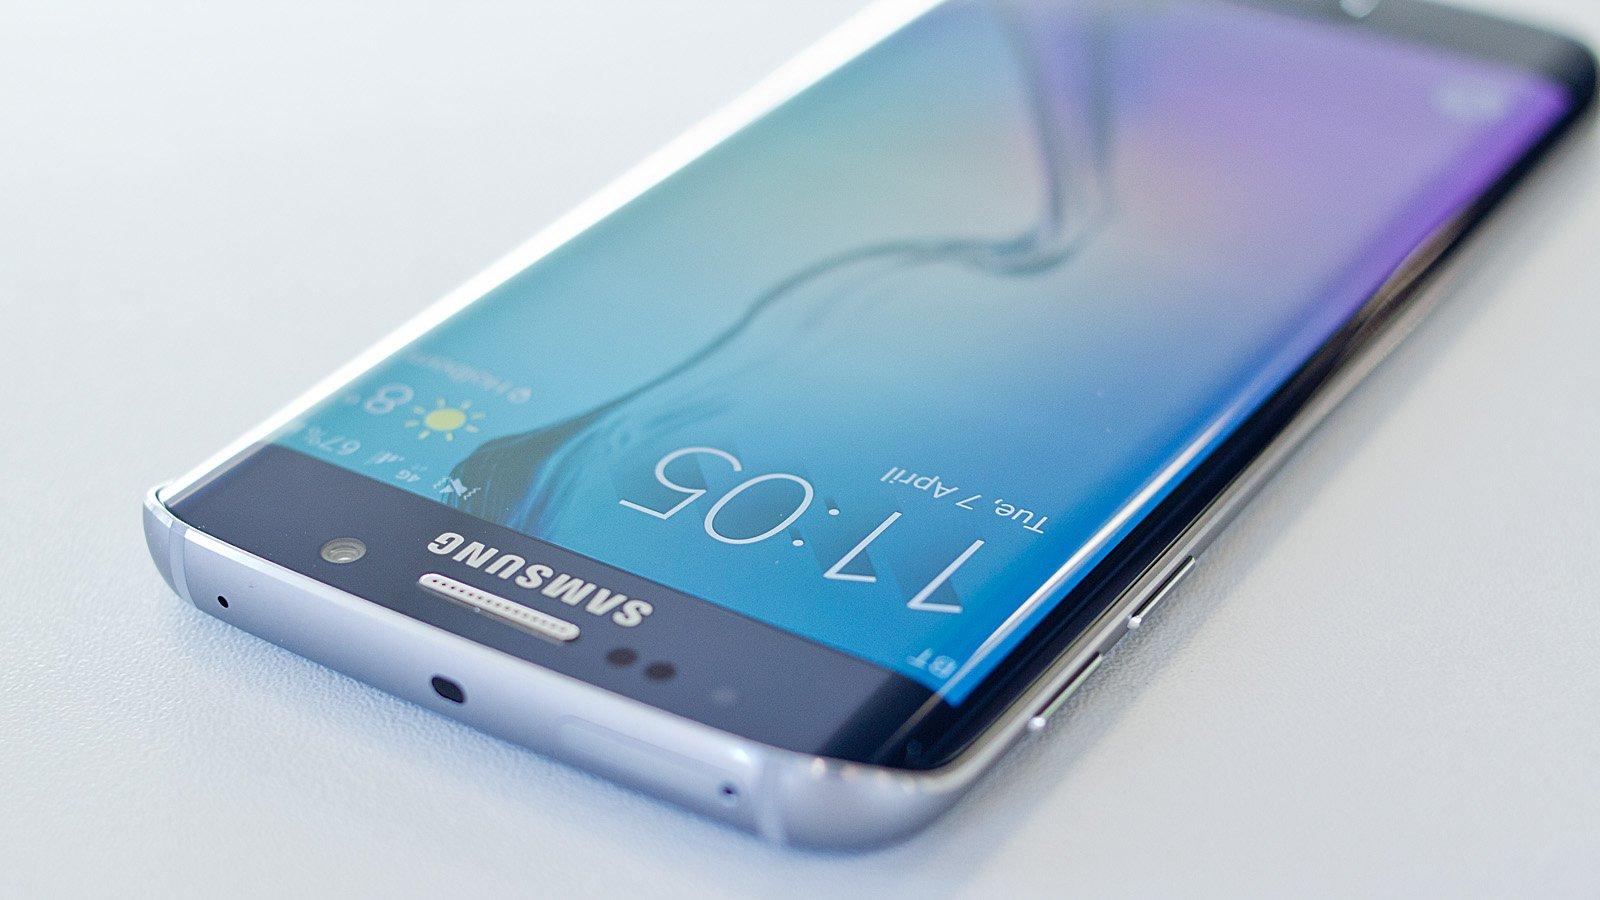 نگاه کلی به قابلیت ها و نوآوری های Galaxy S7